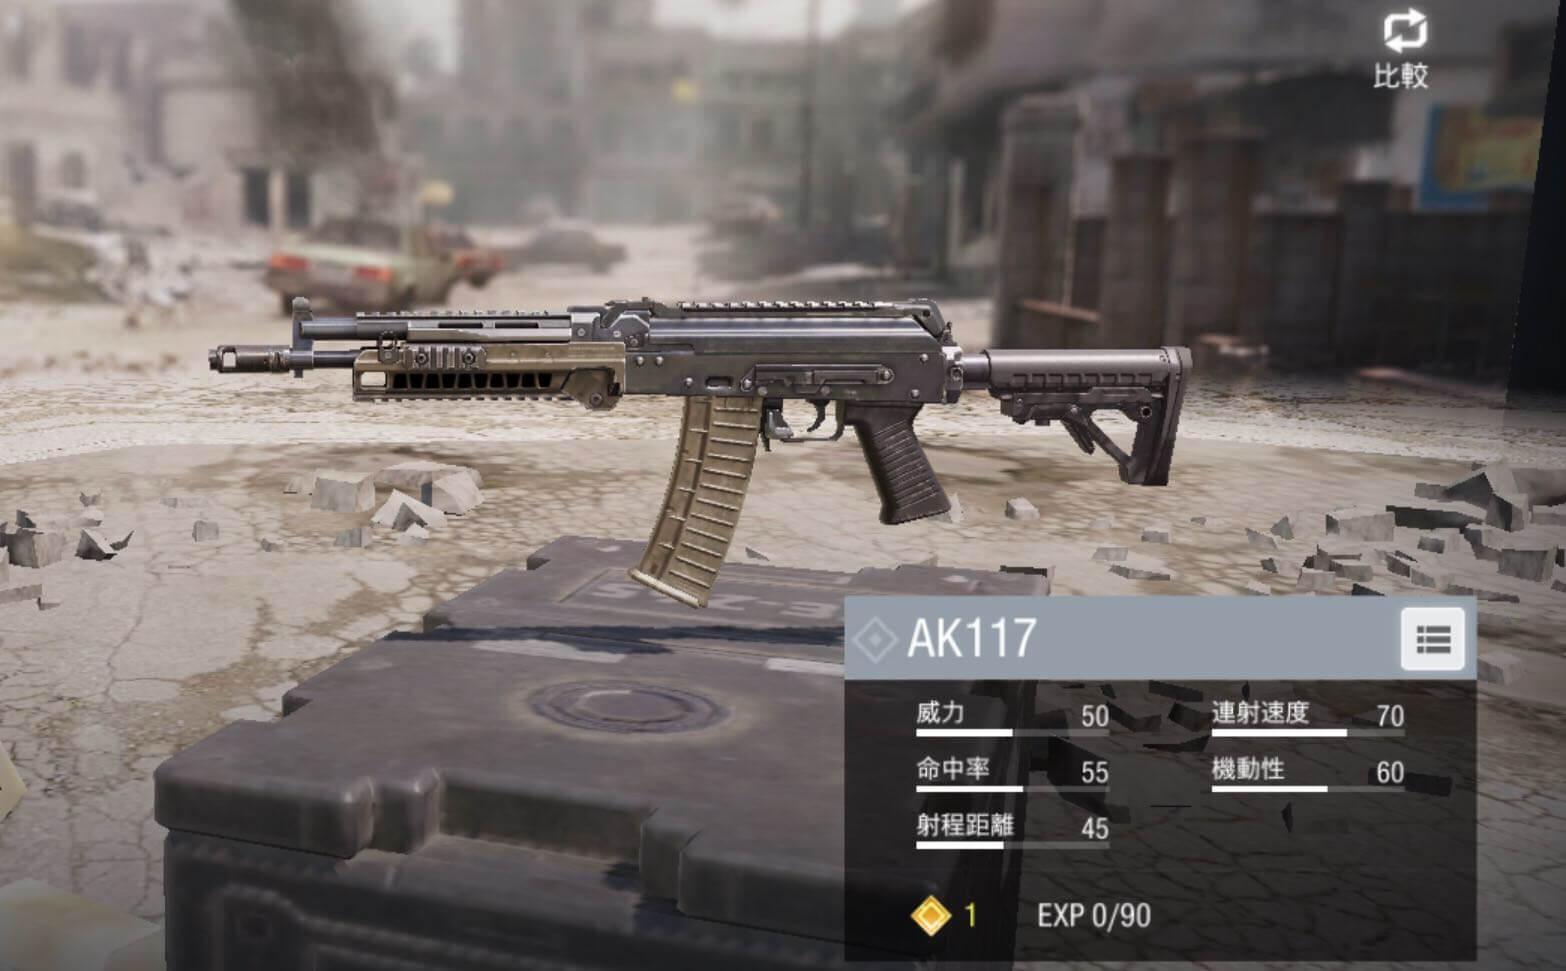 【CoDモバイル】「AK117」の基本性能と評価